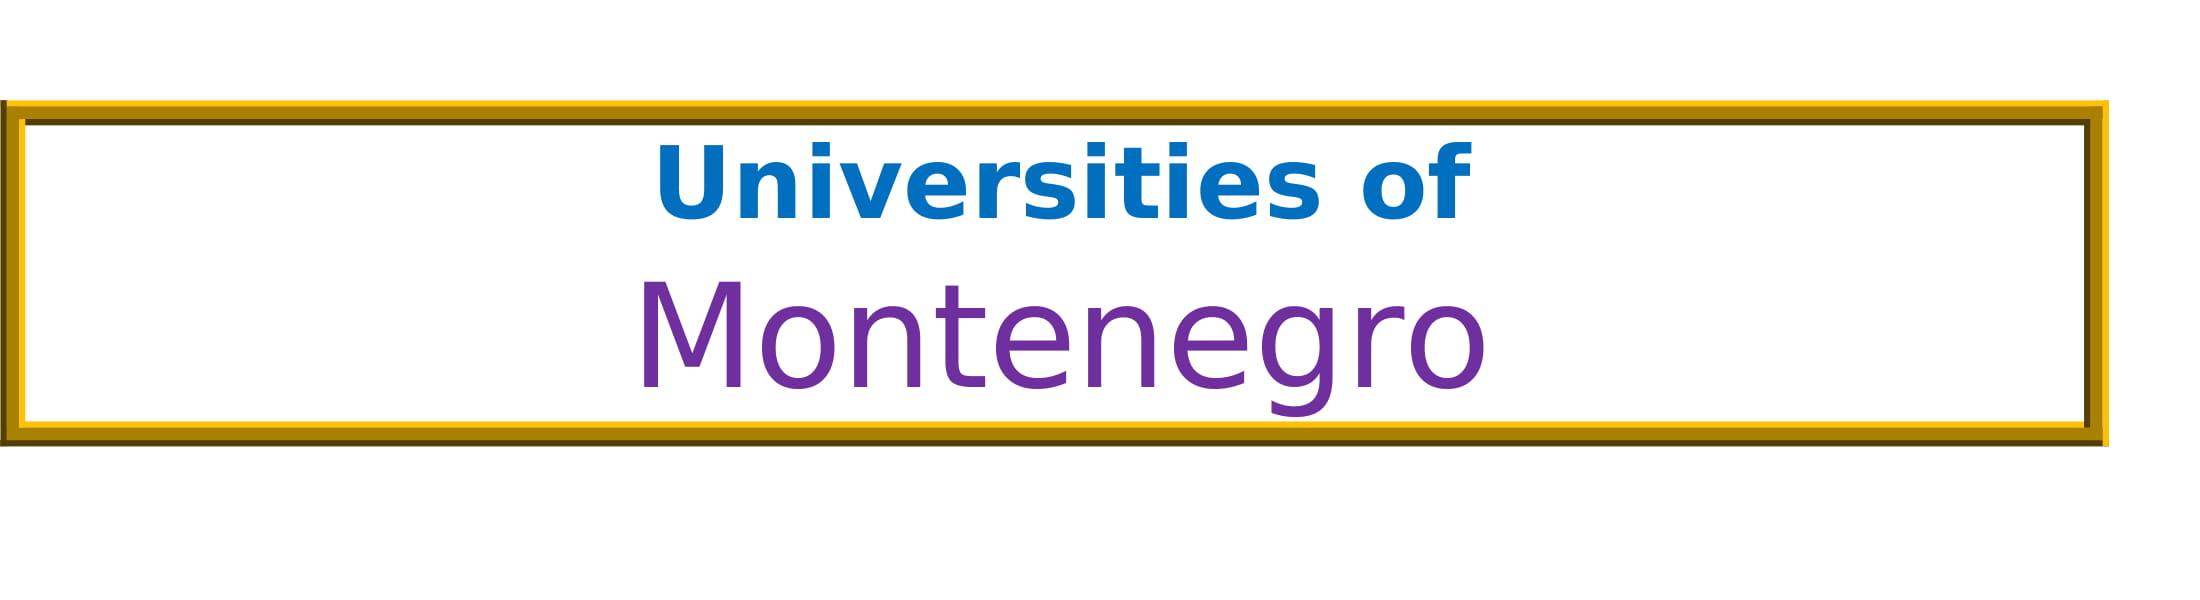 List of Universities in Montenegro